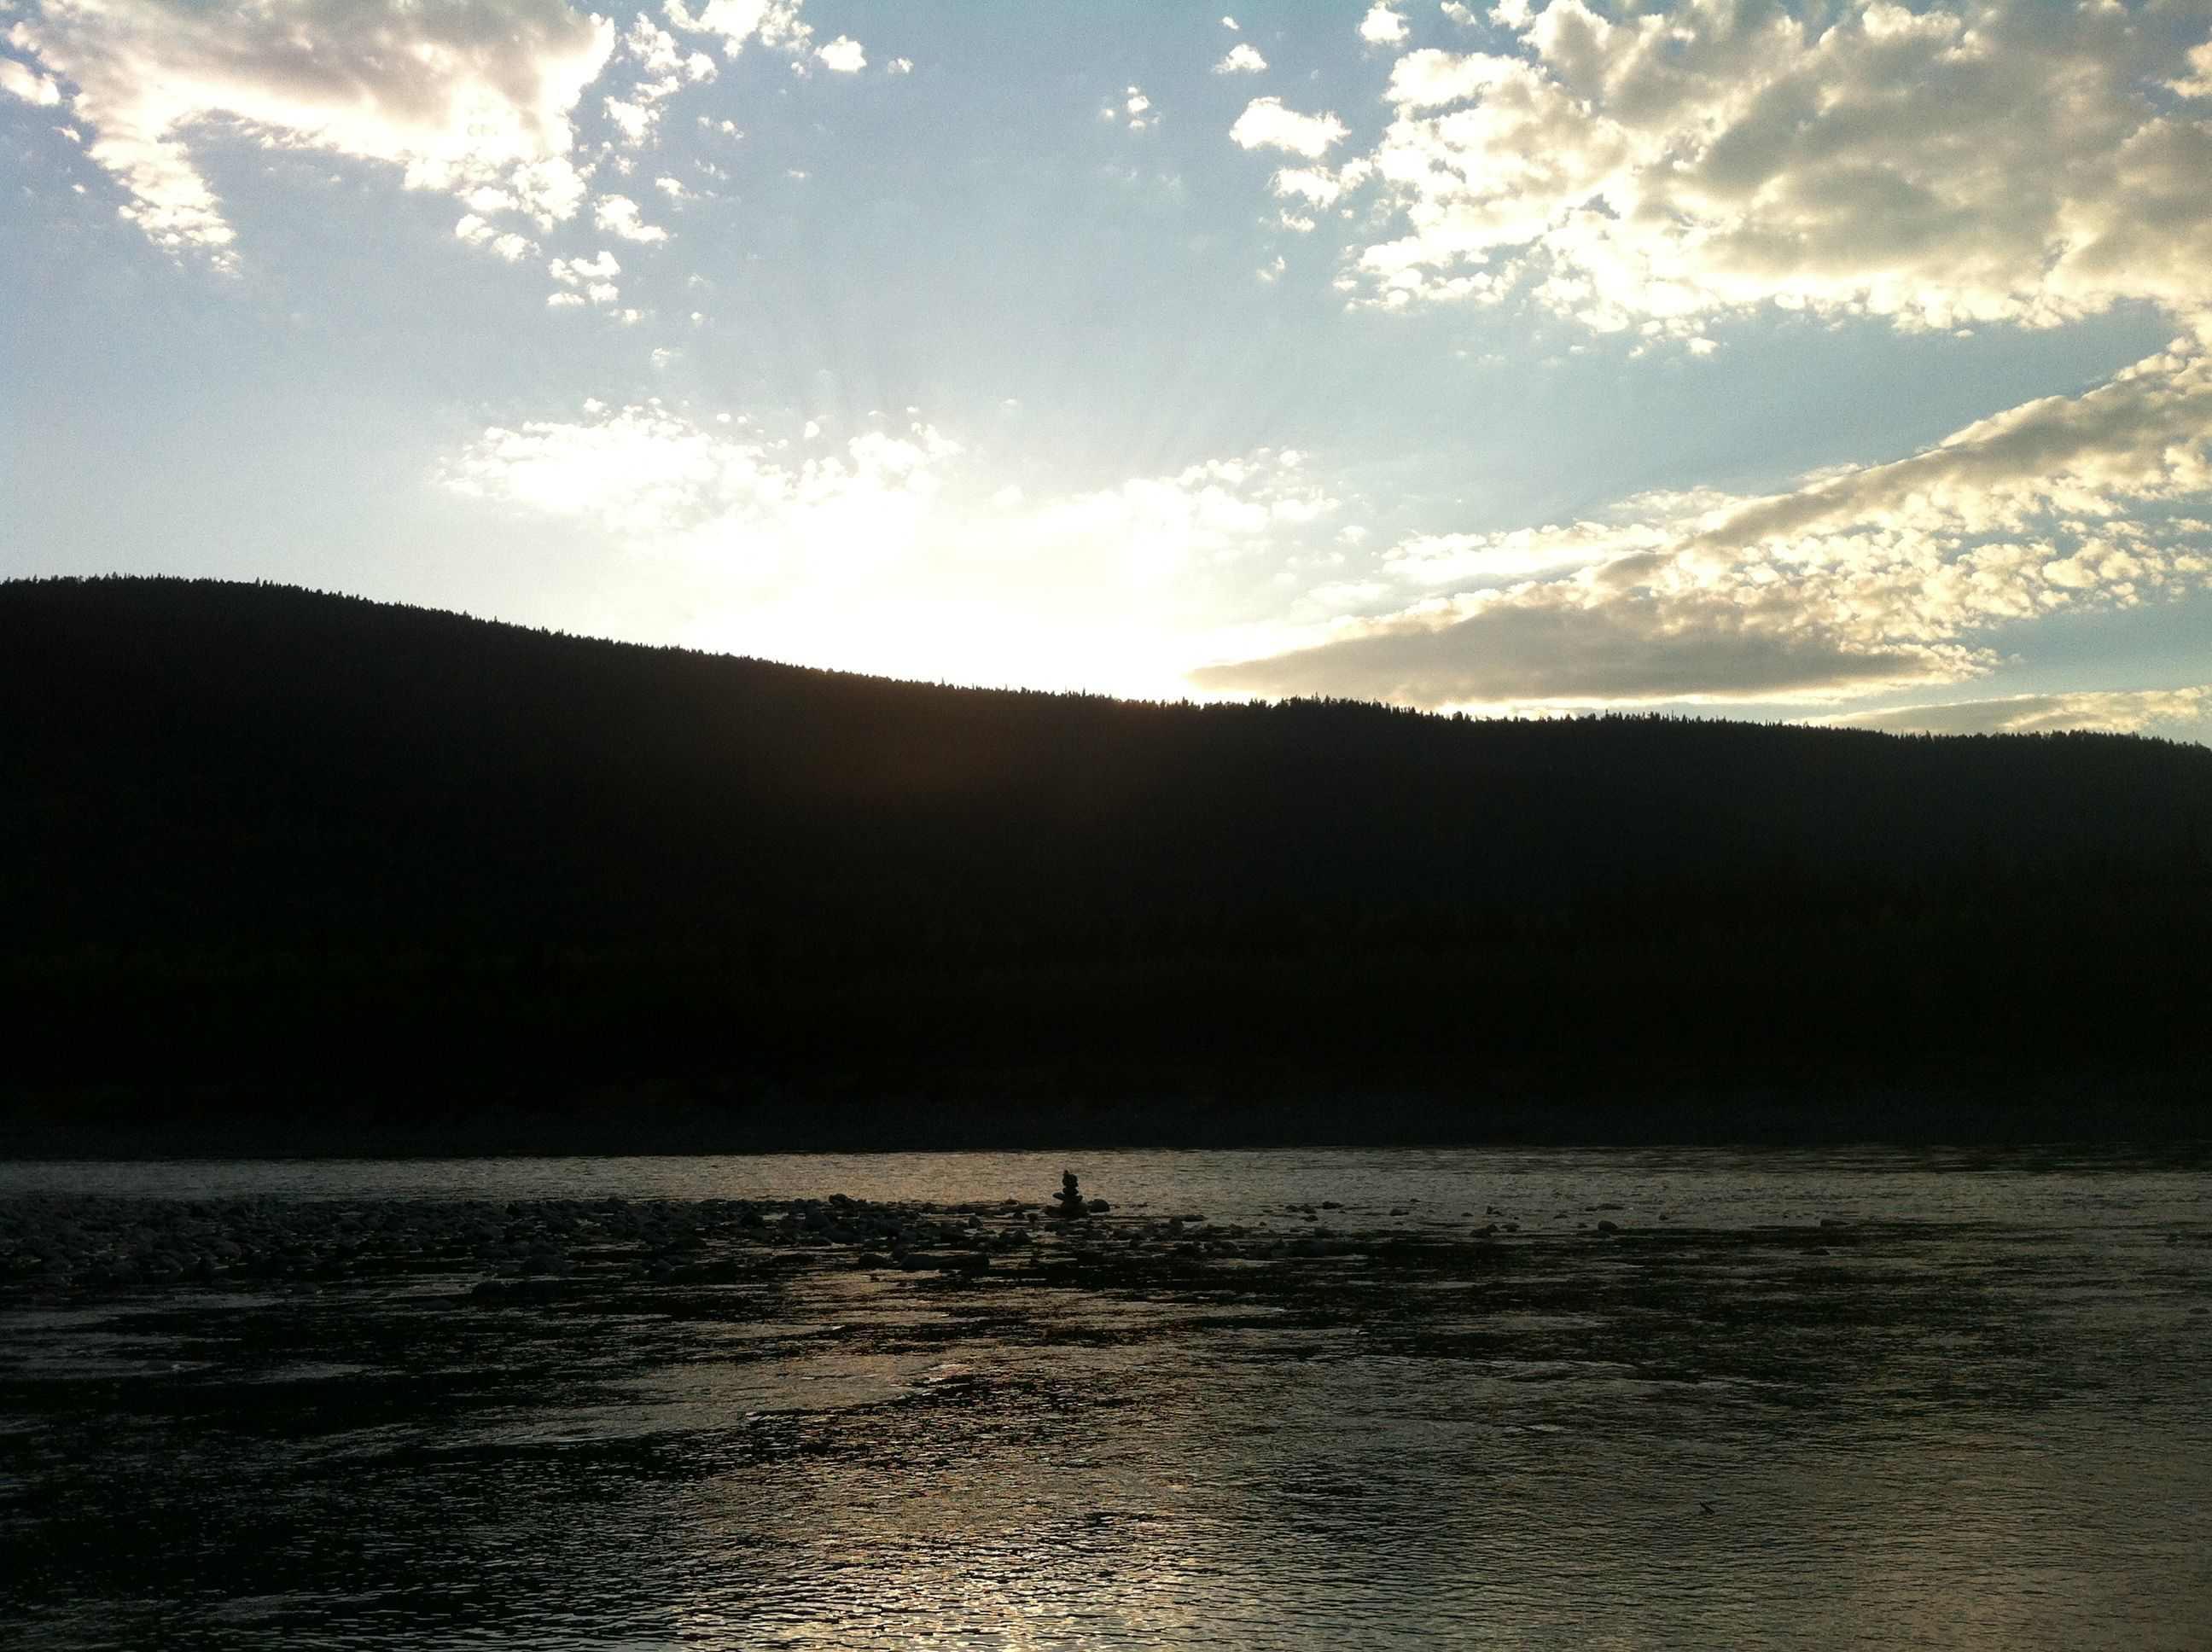 Ritchie Gitxsan Terrace Fishing Grounds